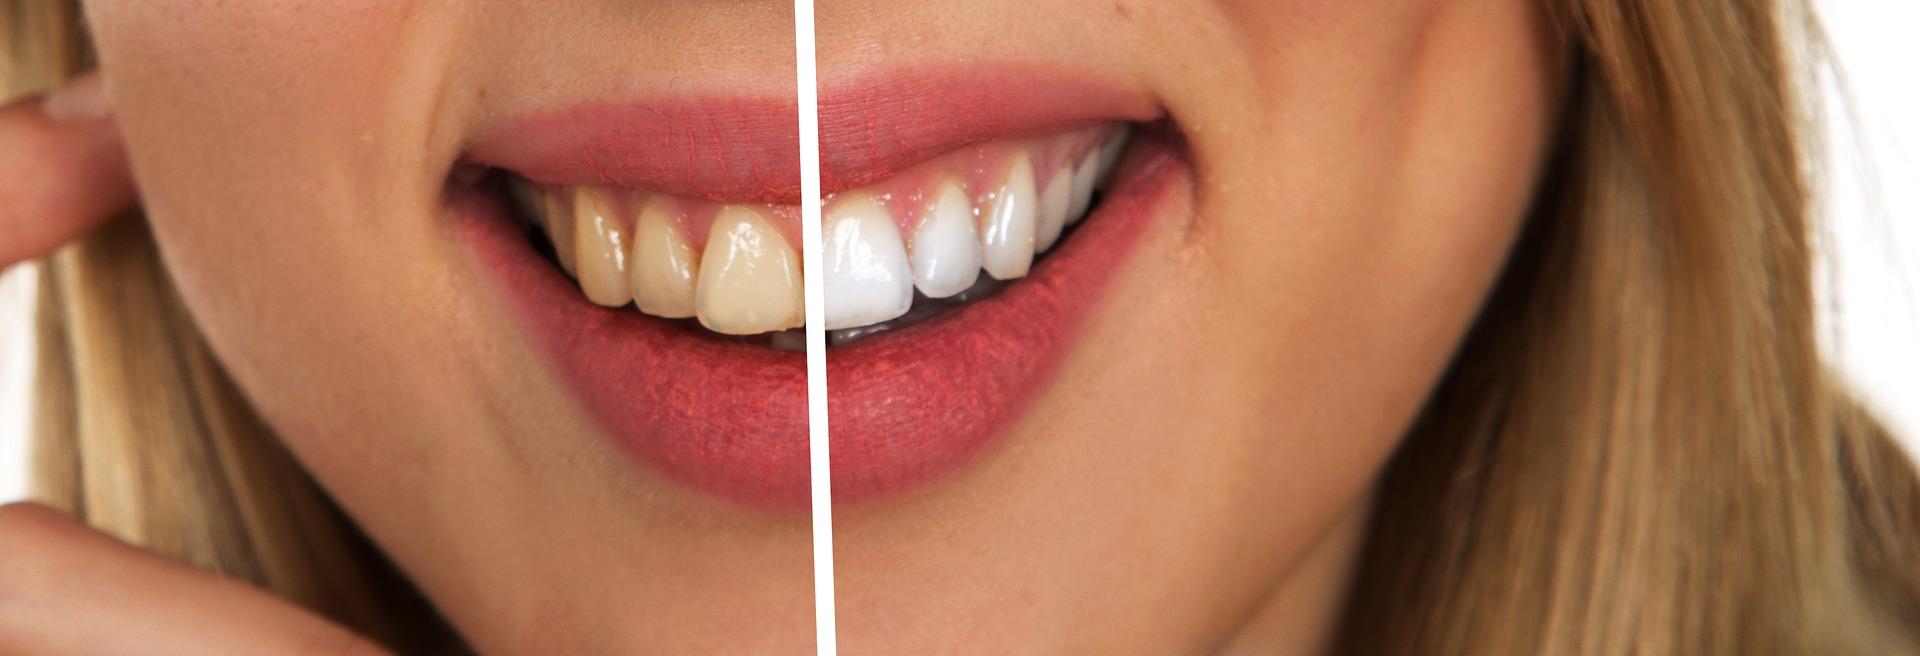 blanqueamiento antes despues ¿Estás pensando en un blanqueamiento dental?